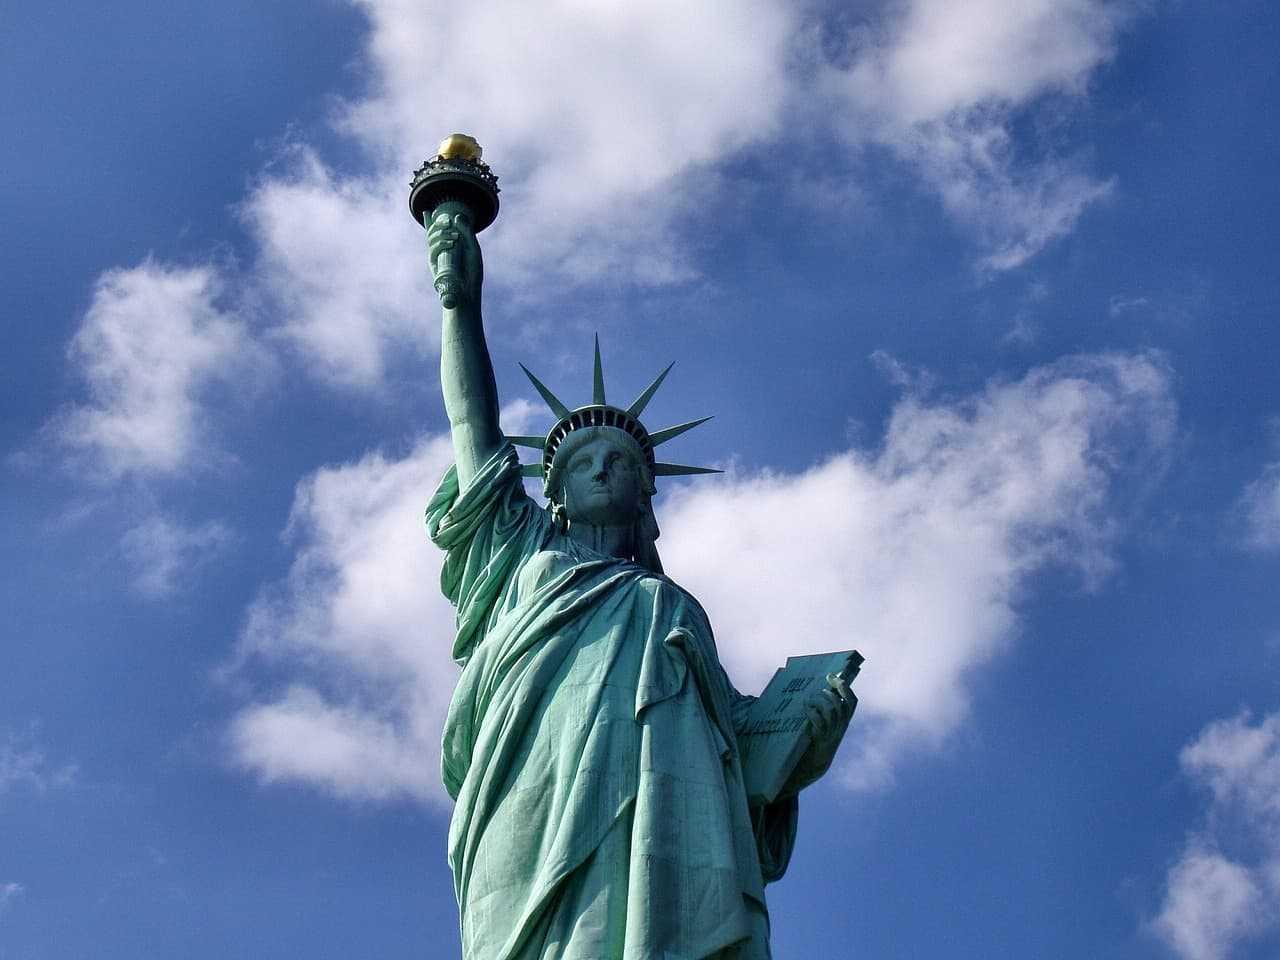 Wybierasz się do Stanów? Sprawdź, jakie ubezpieczenie do USA wybrać!